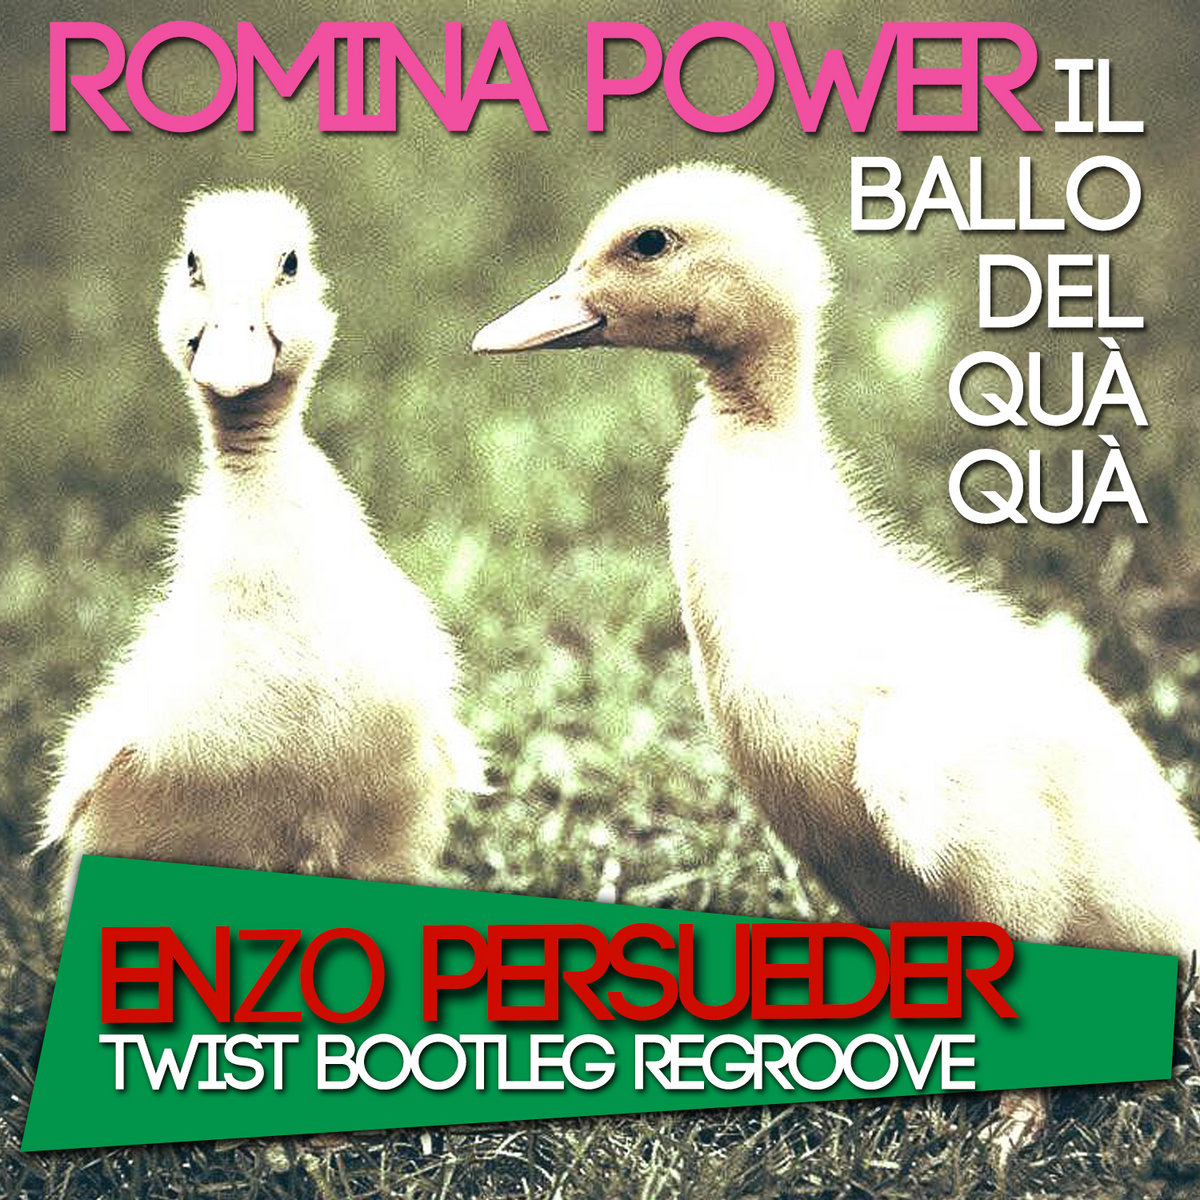 Romina Power Il Ballo Del Qua Qua E Persueder Twist Bootleg